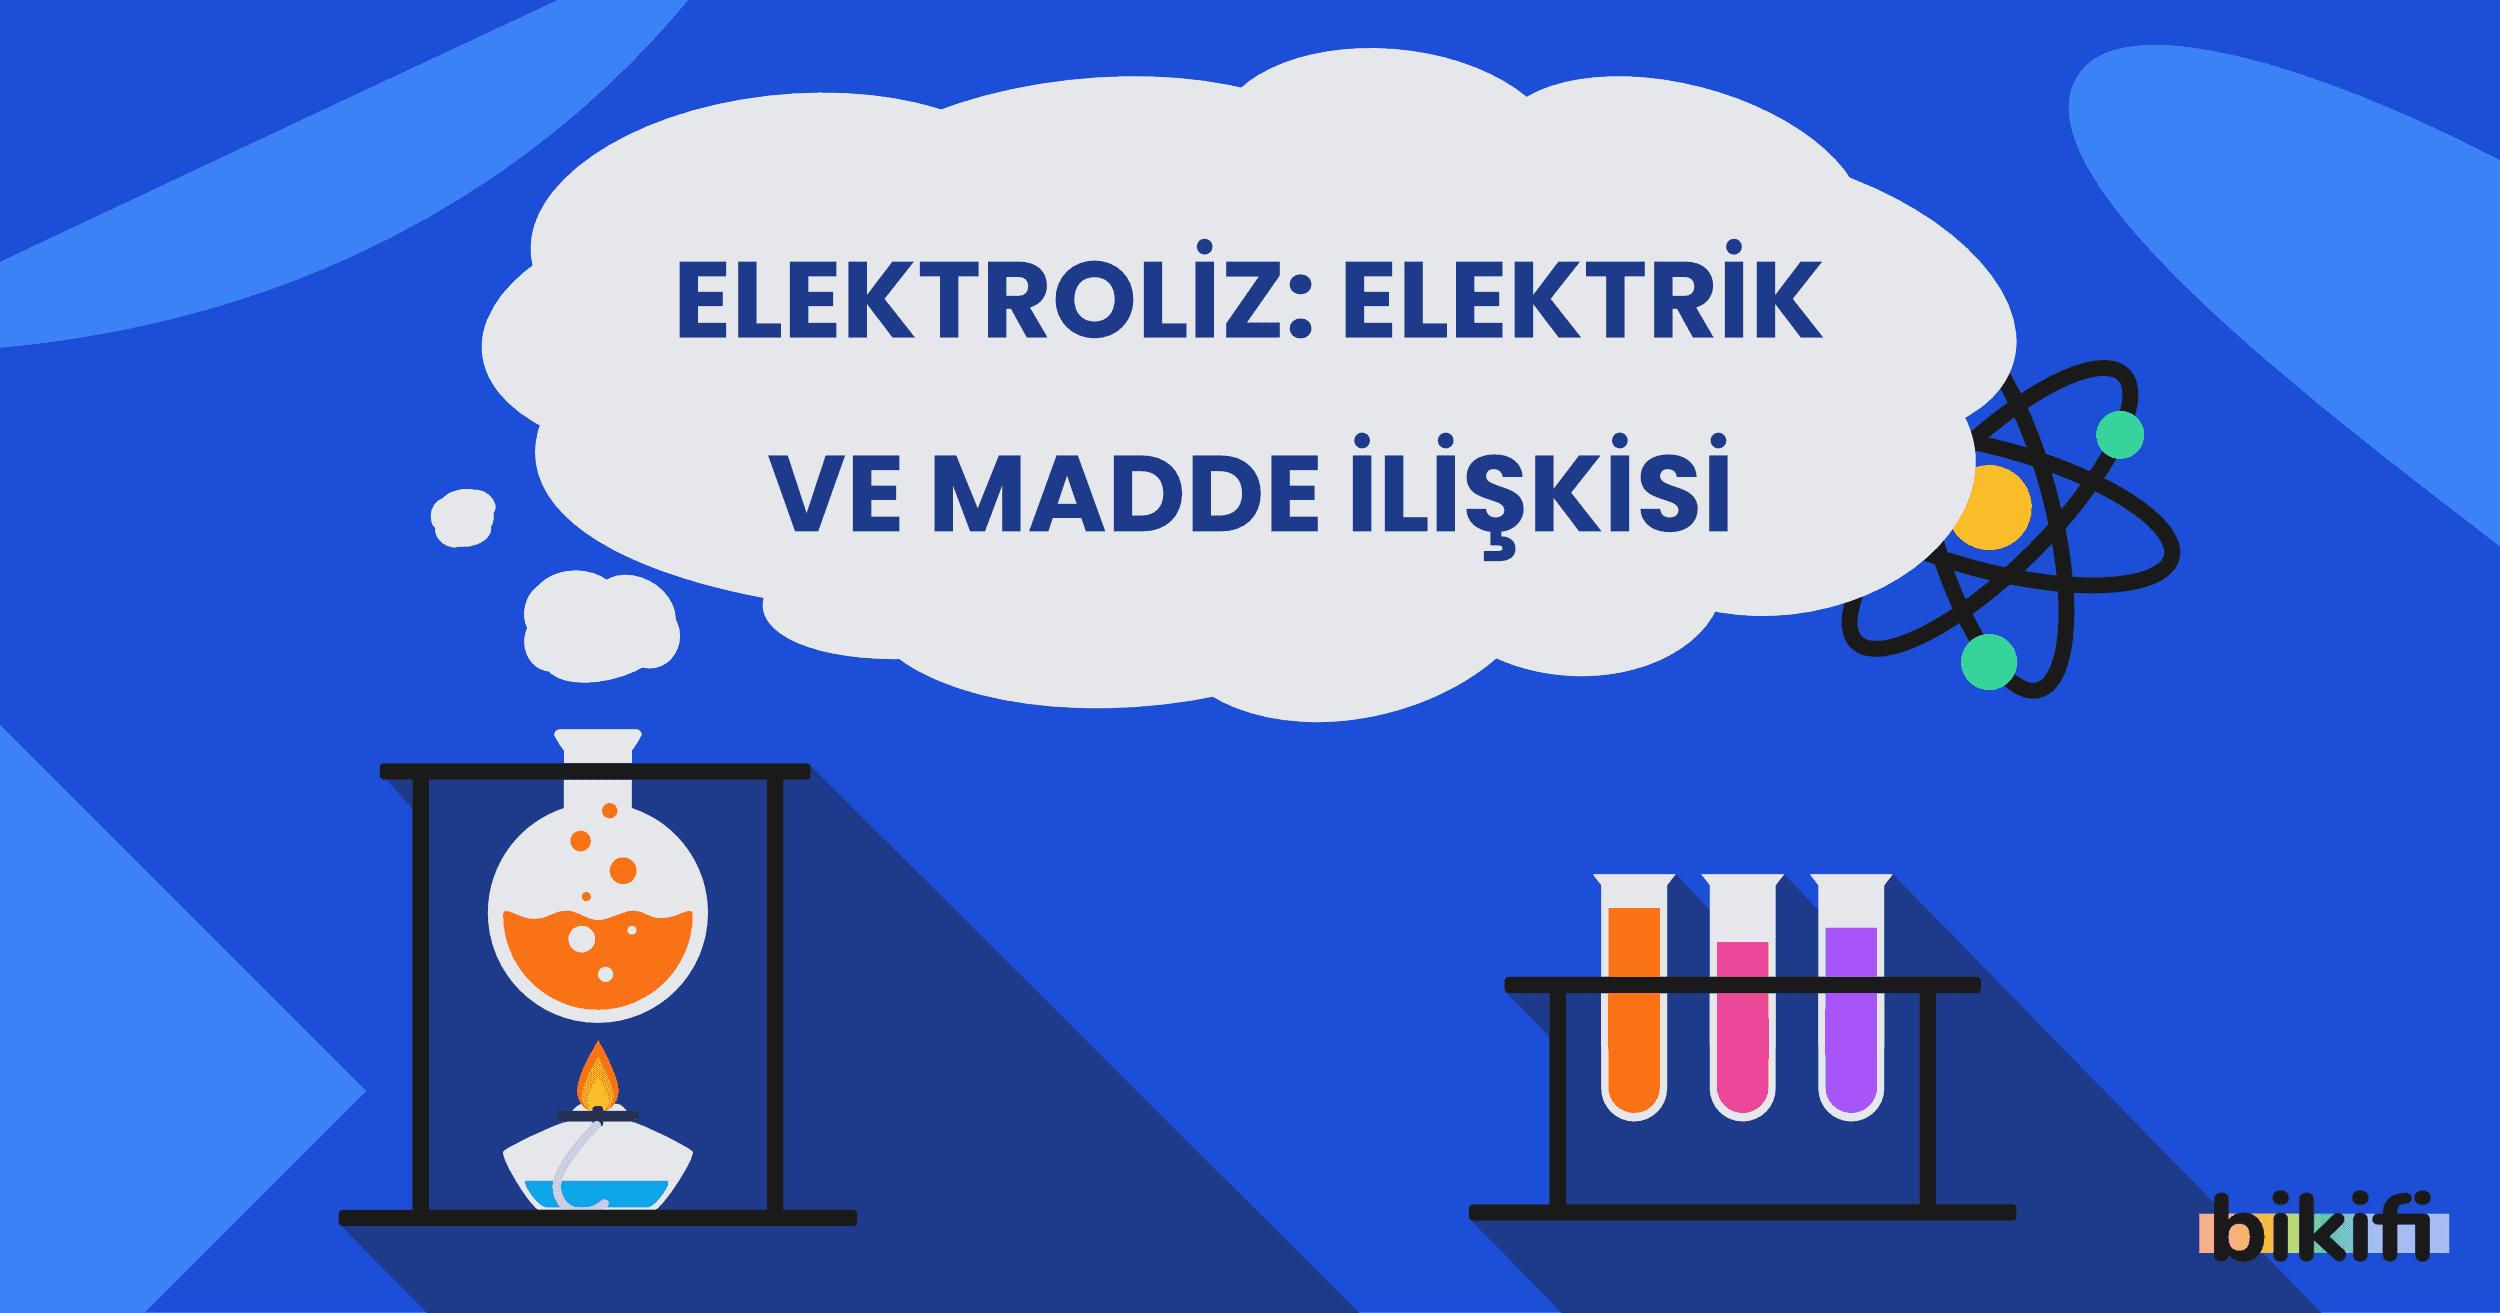 Elektroliz: Elektrik ve Madde İlişkisi